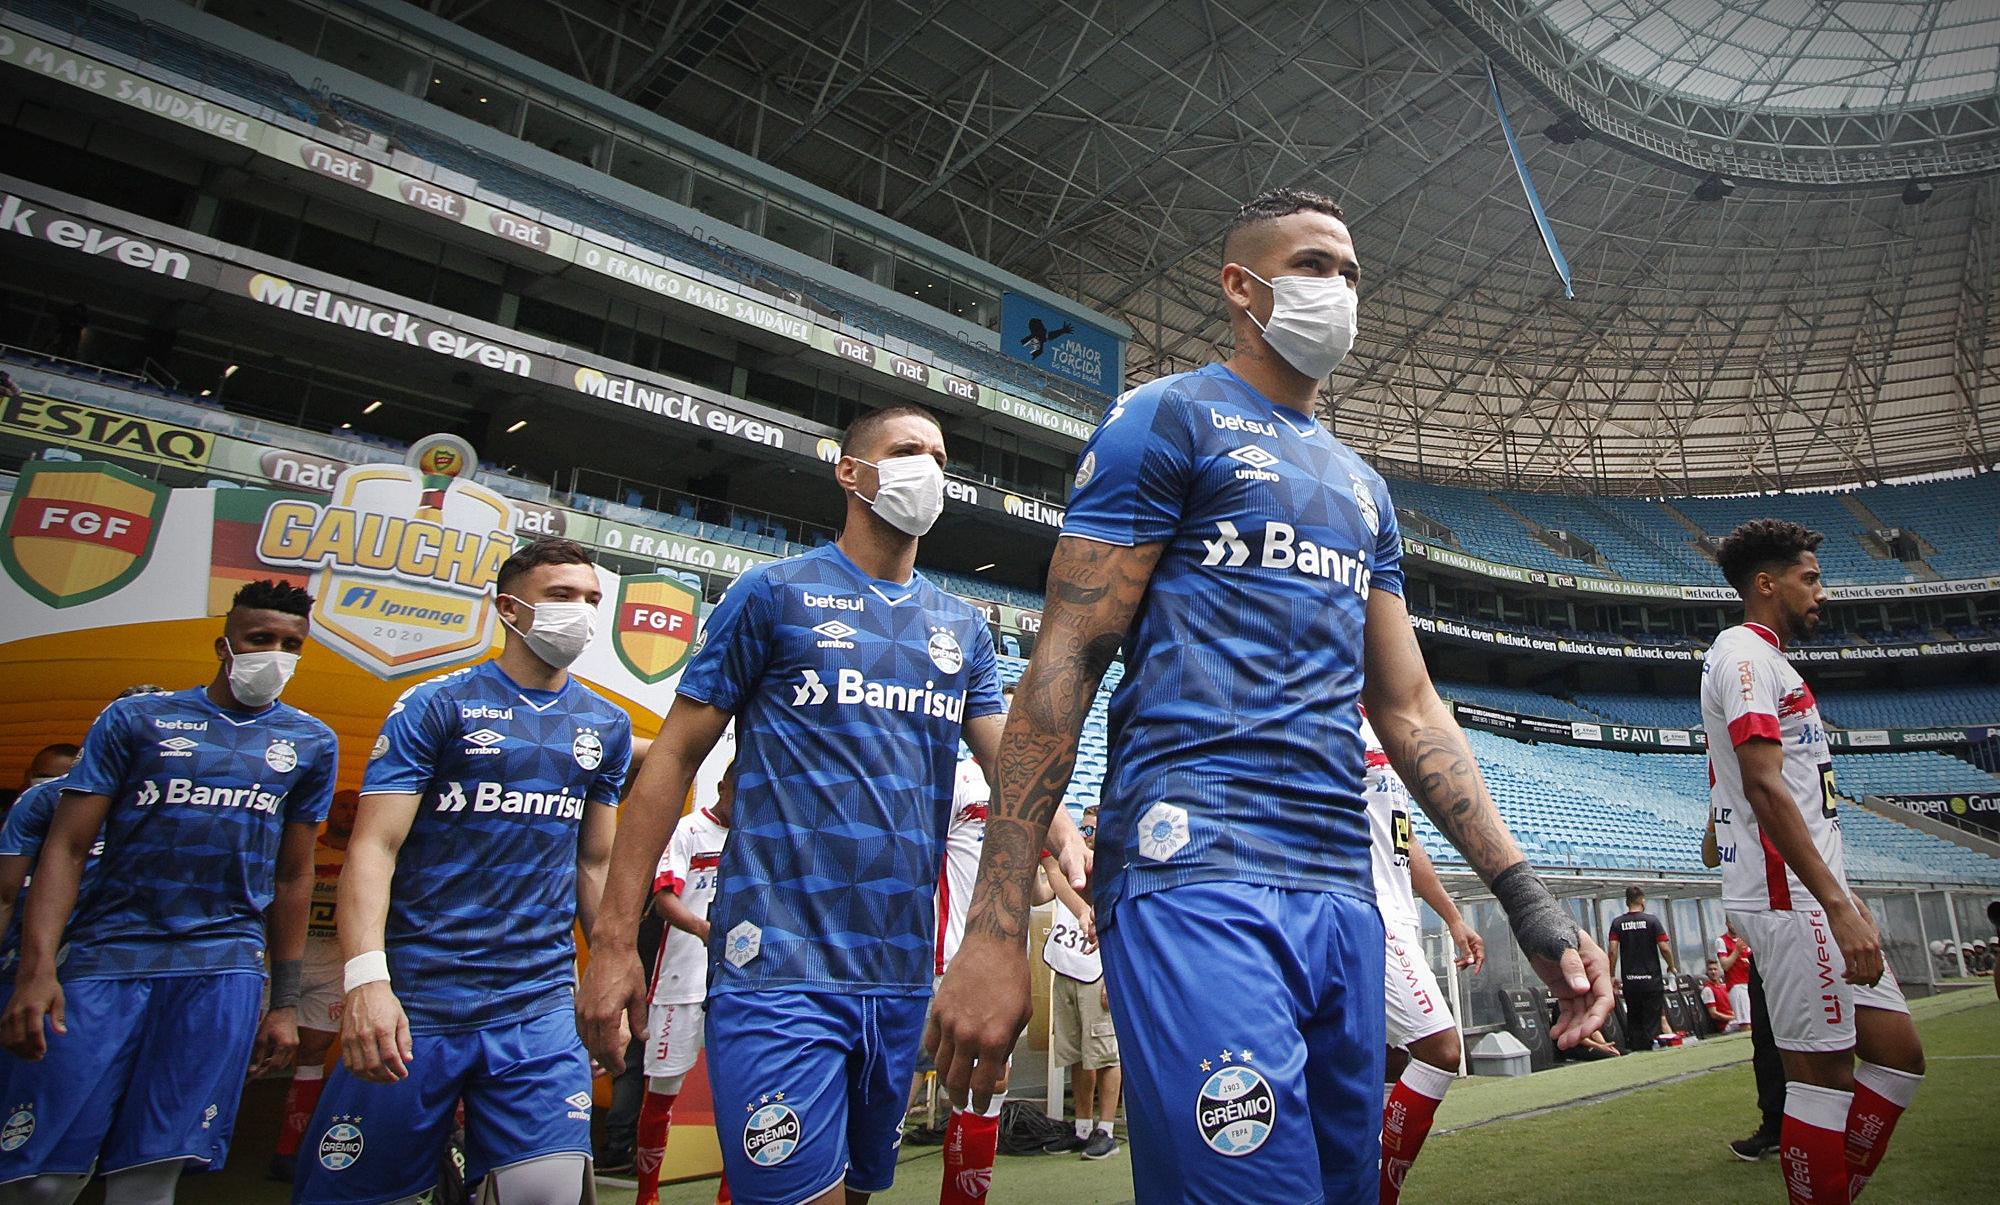 Futebol em tempos de cólera